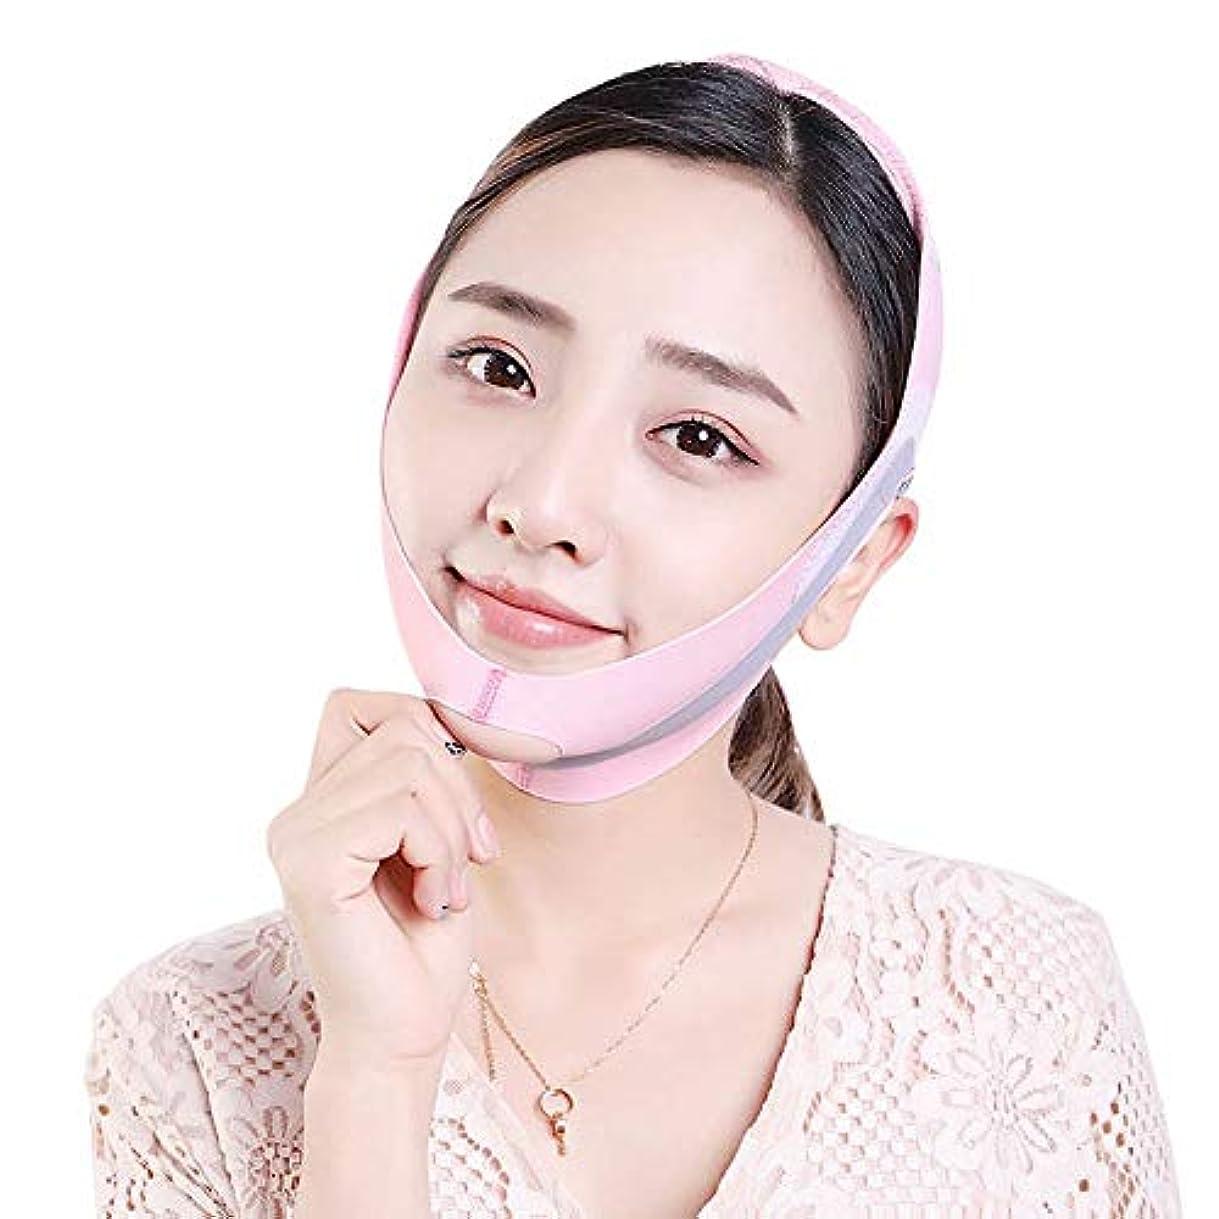 斧引用ギャングスターMinmin たるみを防ぐために顔を持ち上げるために筋肉を引き締めるために二重あごのステッカーとラインを削除するために、顔を持ち上げるアーティファクト包帯があります - ピンク みんみんVラインフェイスマスク